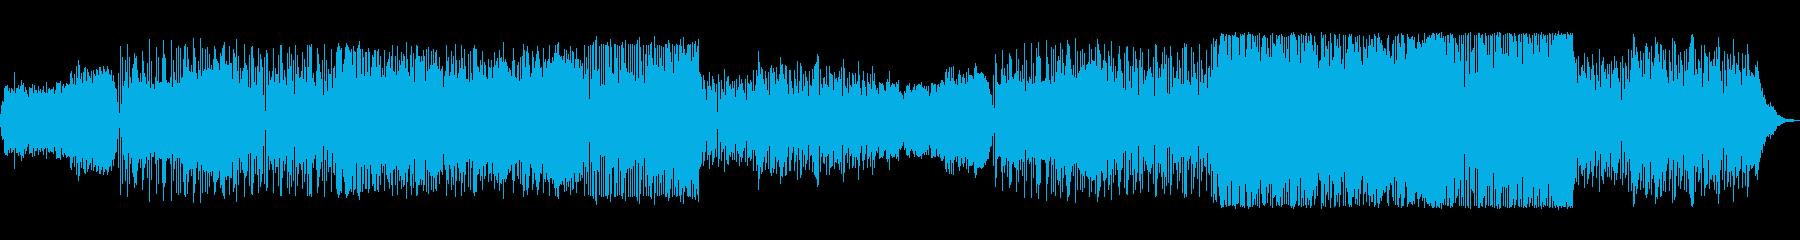 エレクトロニック サスペンス アク...の再生済みの波形